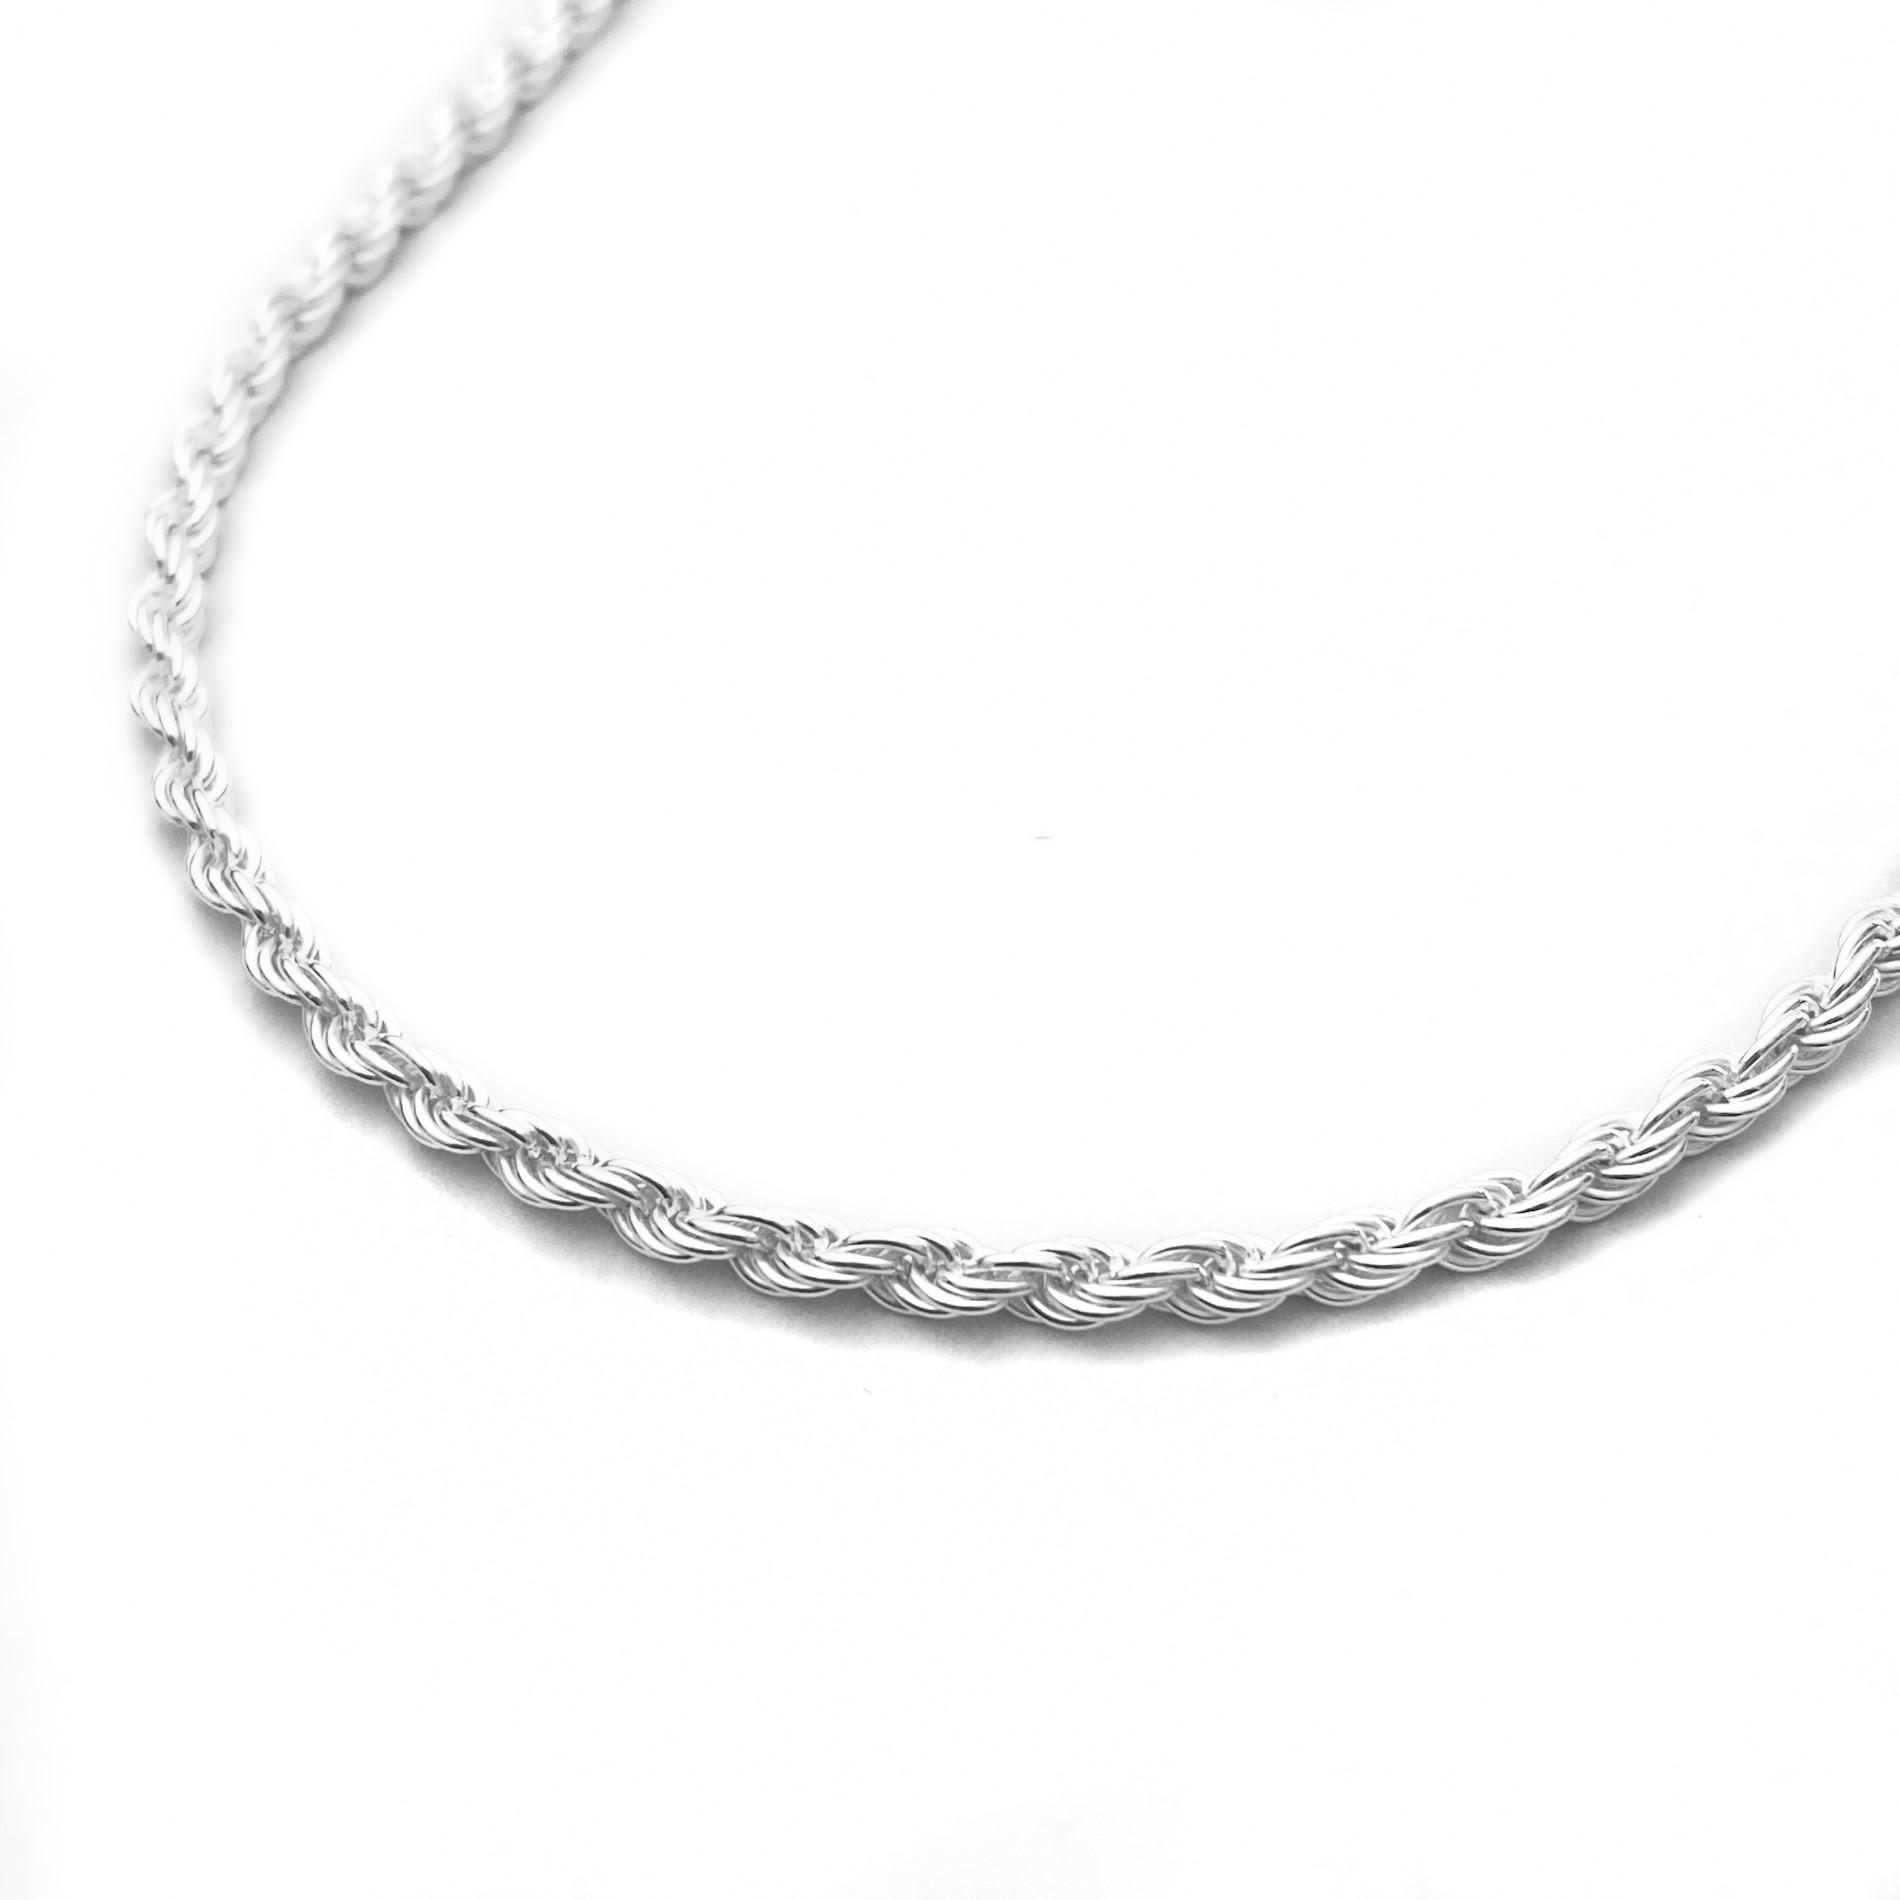 Corrente Cordão Baiano 3mm 70cm (20,4g) (Prata 925 Italiana)